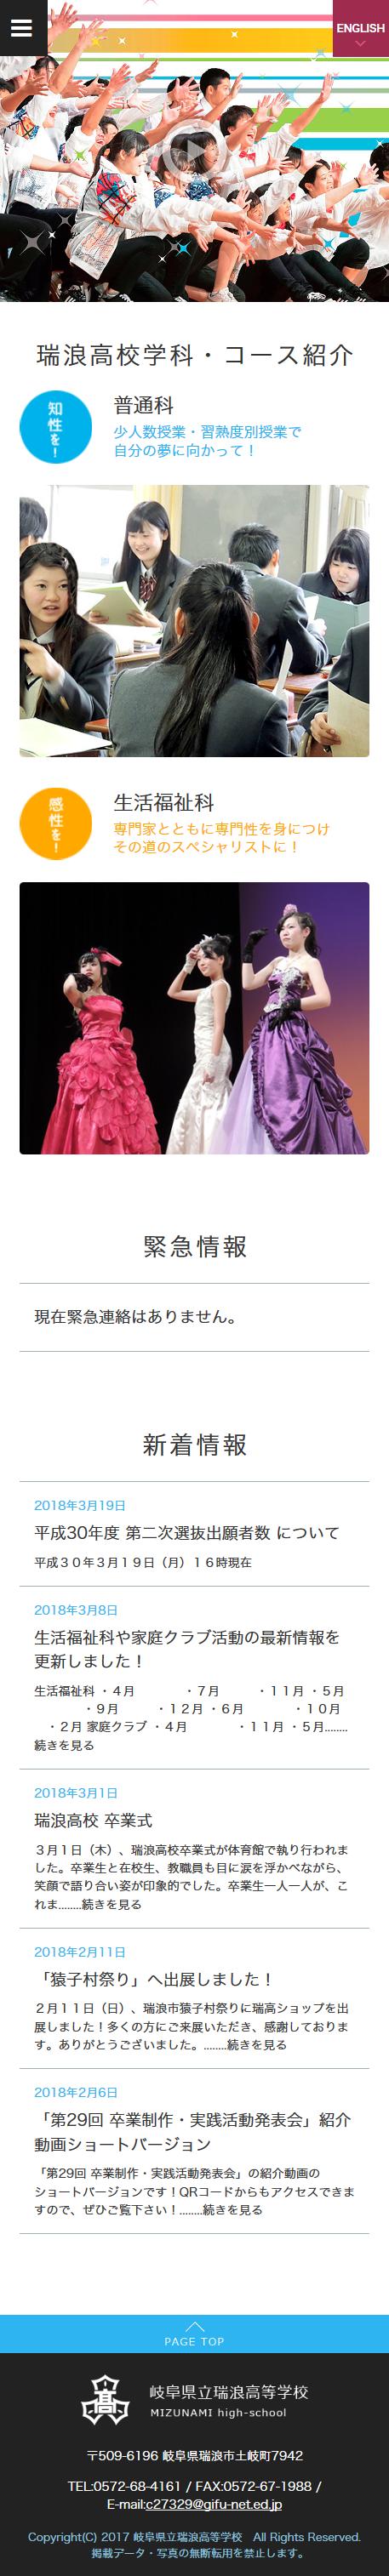 岐阜県立 瑞浪高等学校